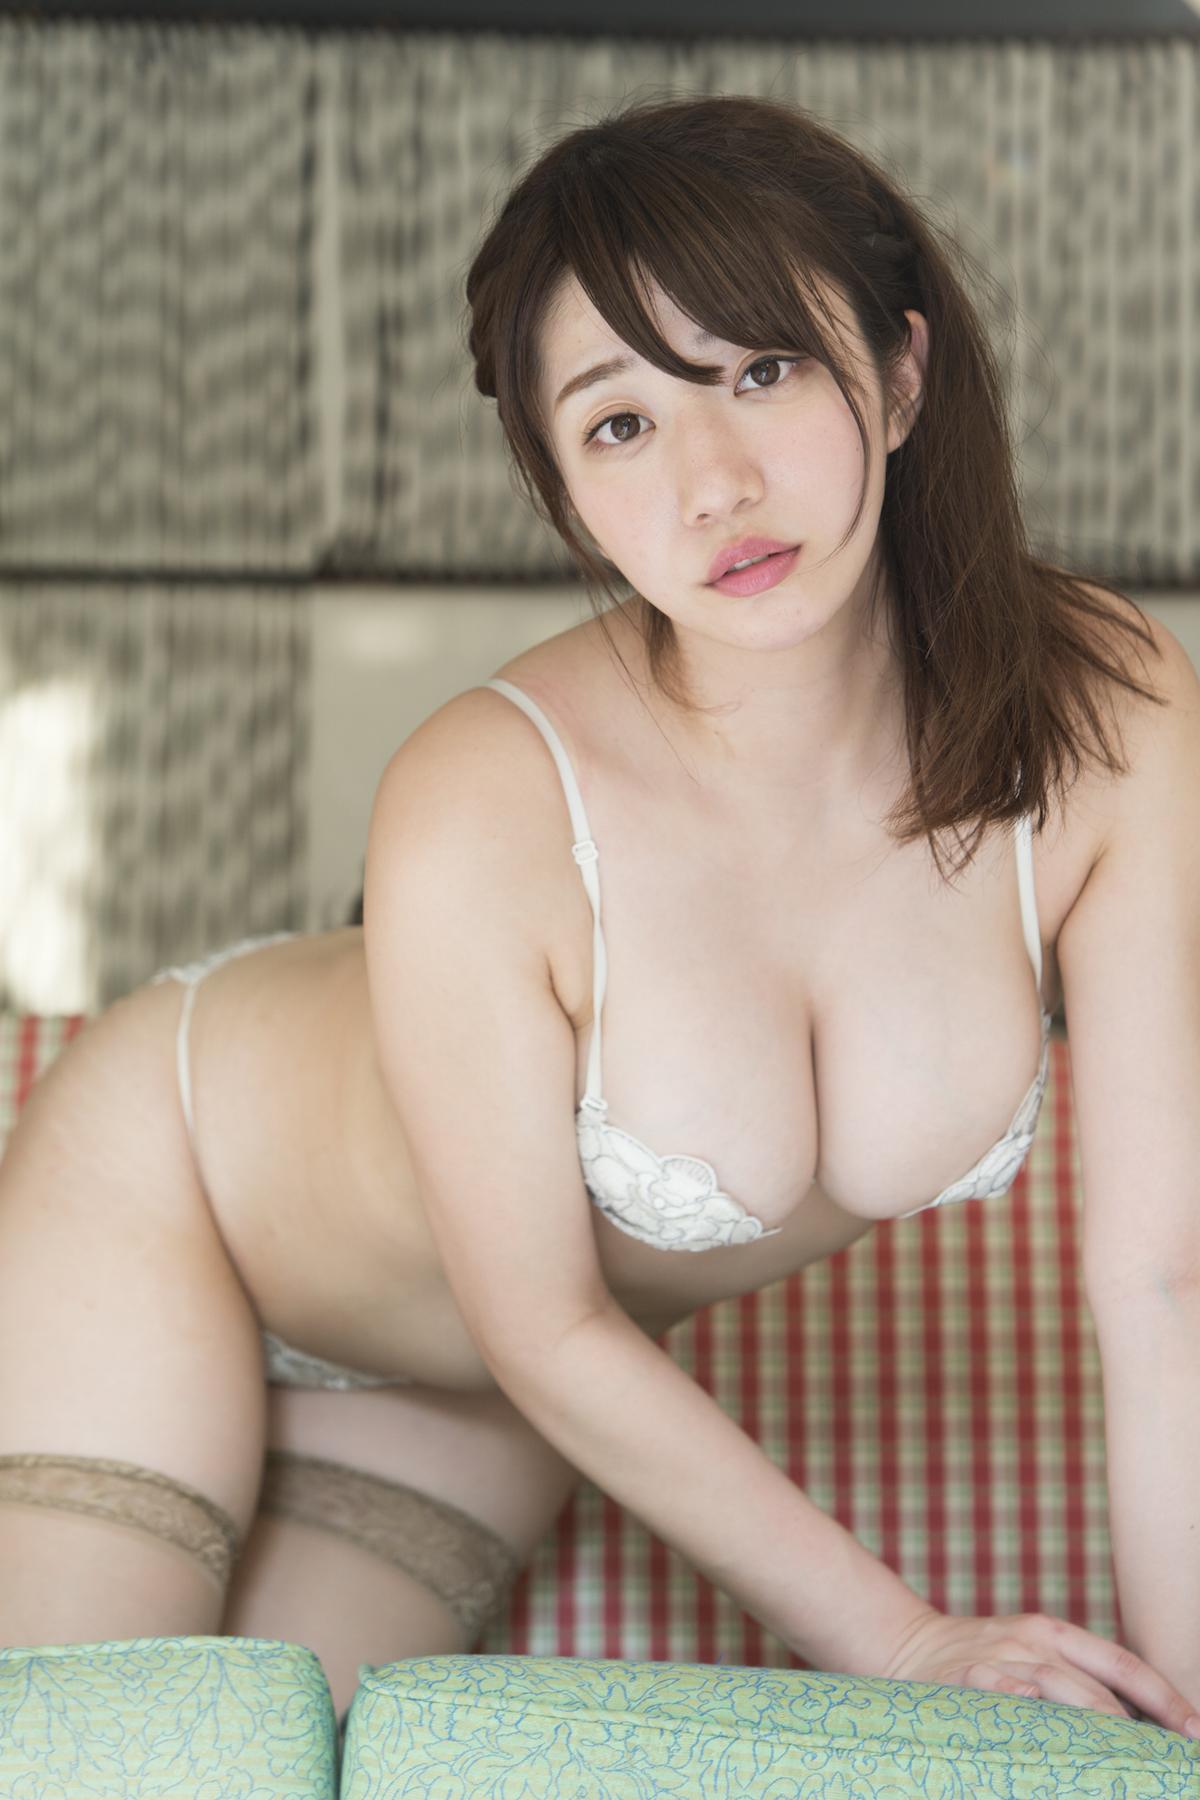 【巨大な乳房が】 池田愛恵里 1 【ブルンブルン!】fc2>1本 YouTube動画>12本 ->画像>510枚